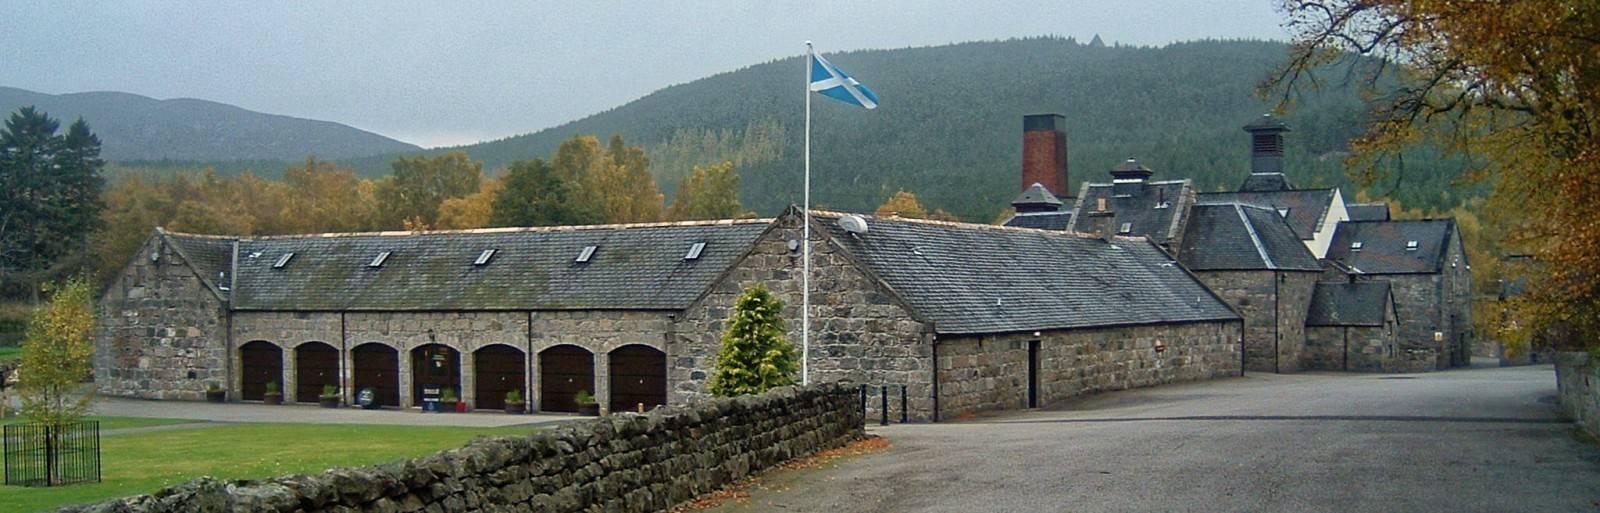 Royal Lochnagar Gesamtansicht